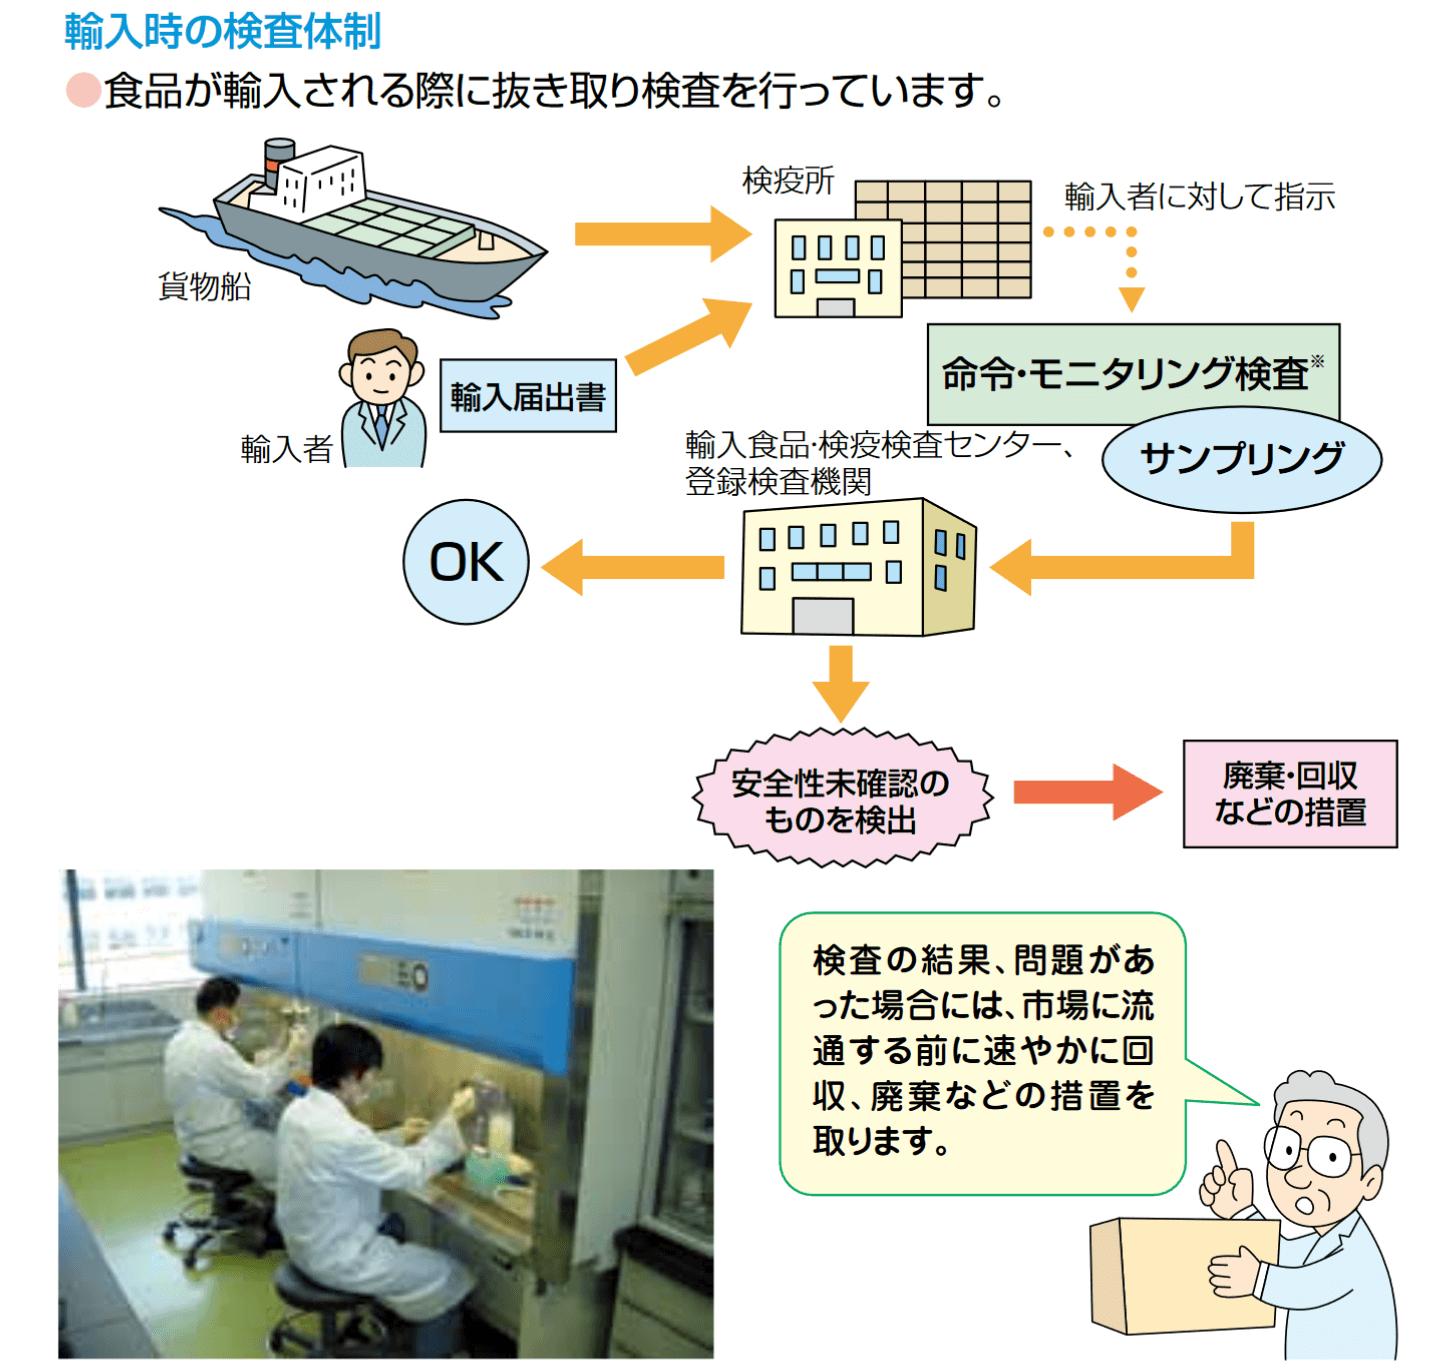 輸入時の検査体制